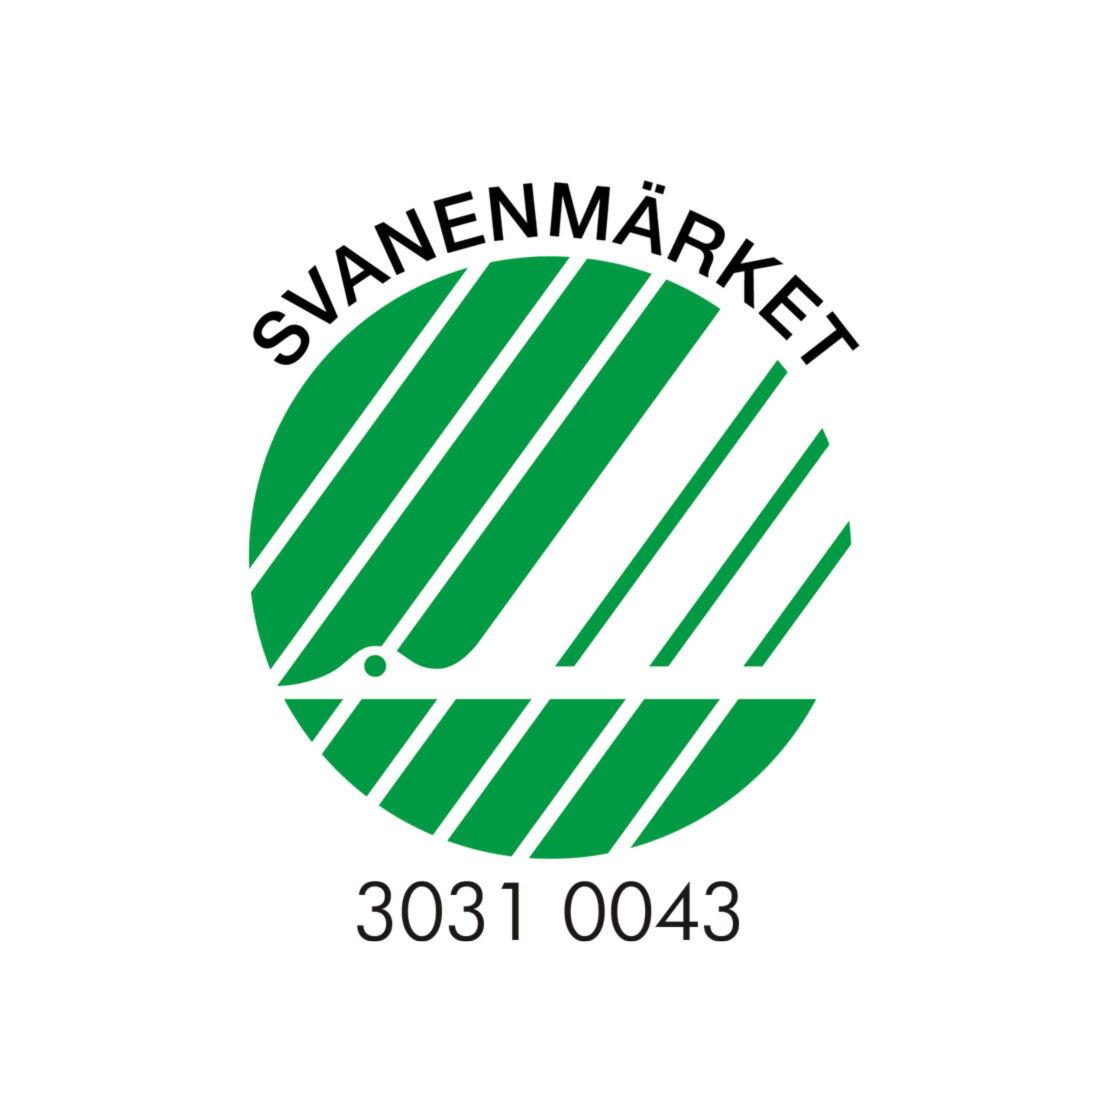 Svanen logo